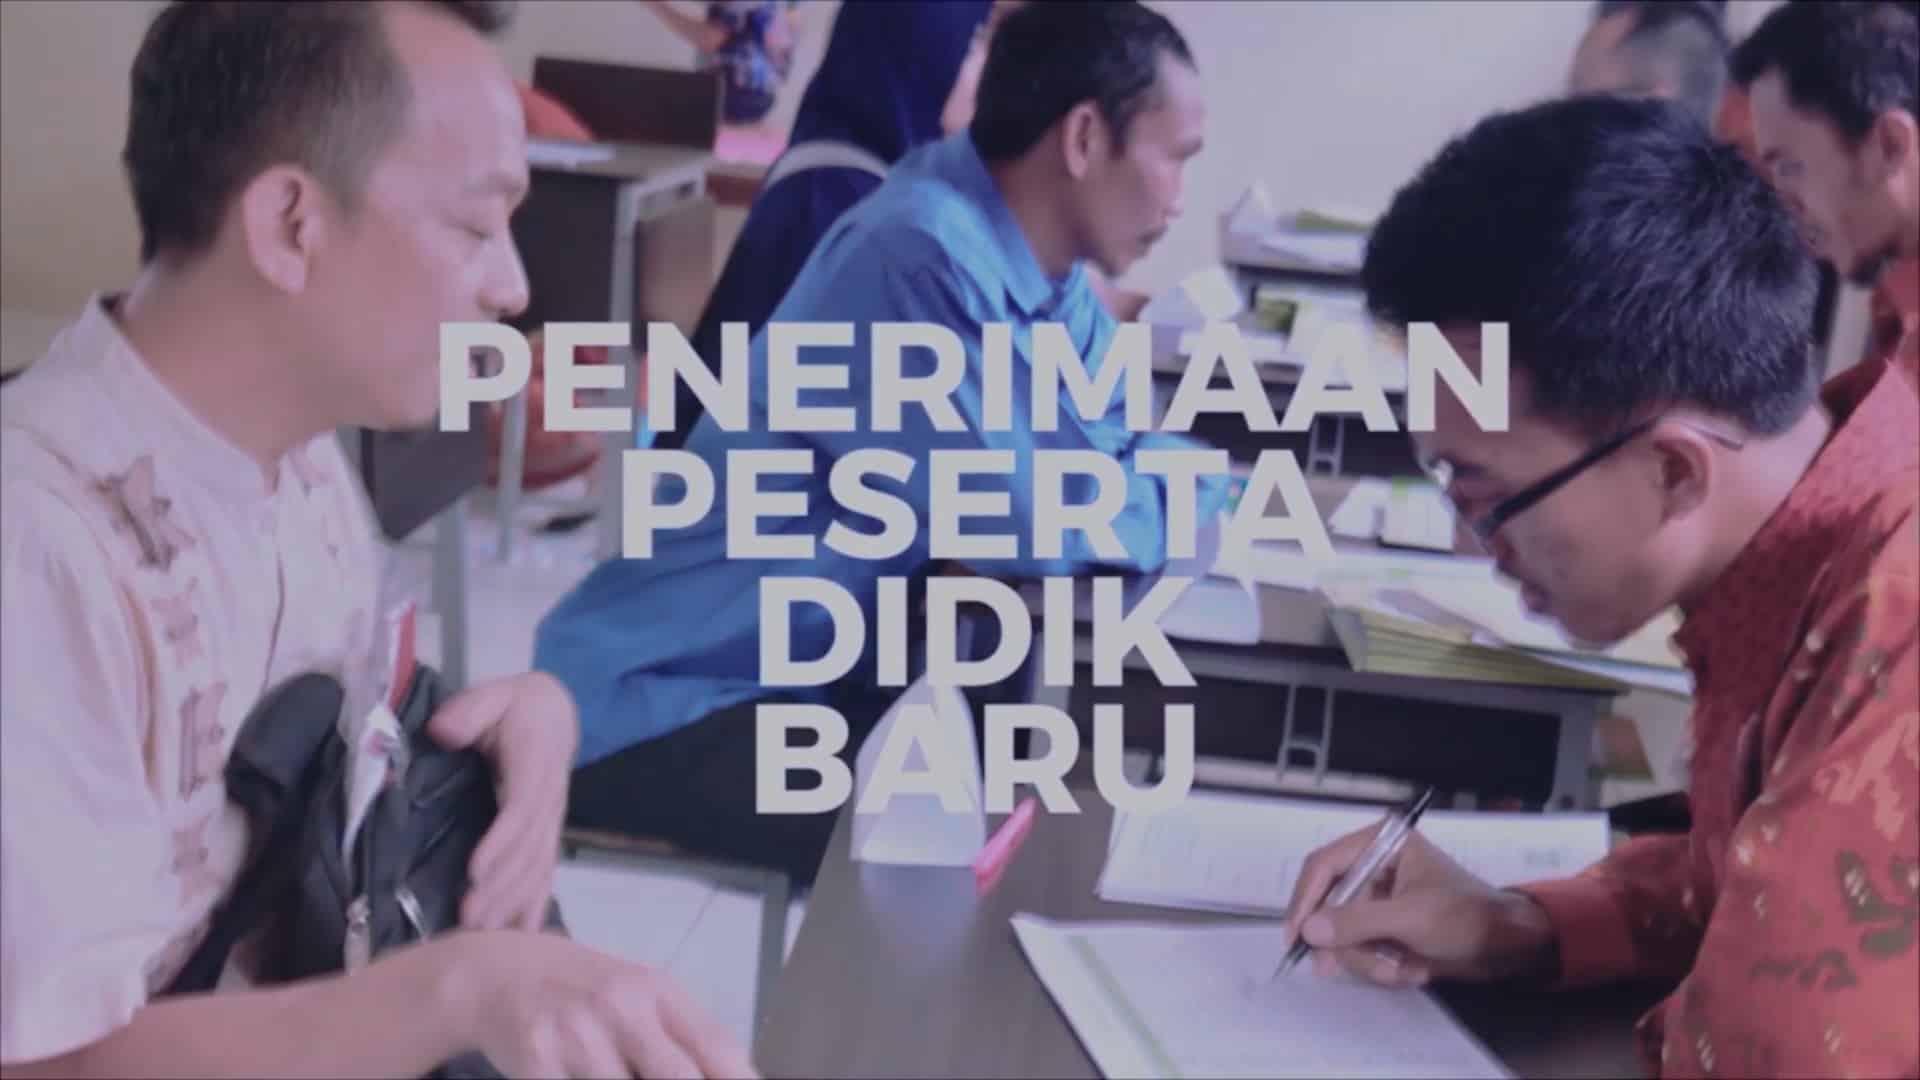 01. PENERIMAAN PESERTA DIDIK BARU (PPDB)